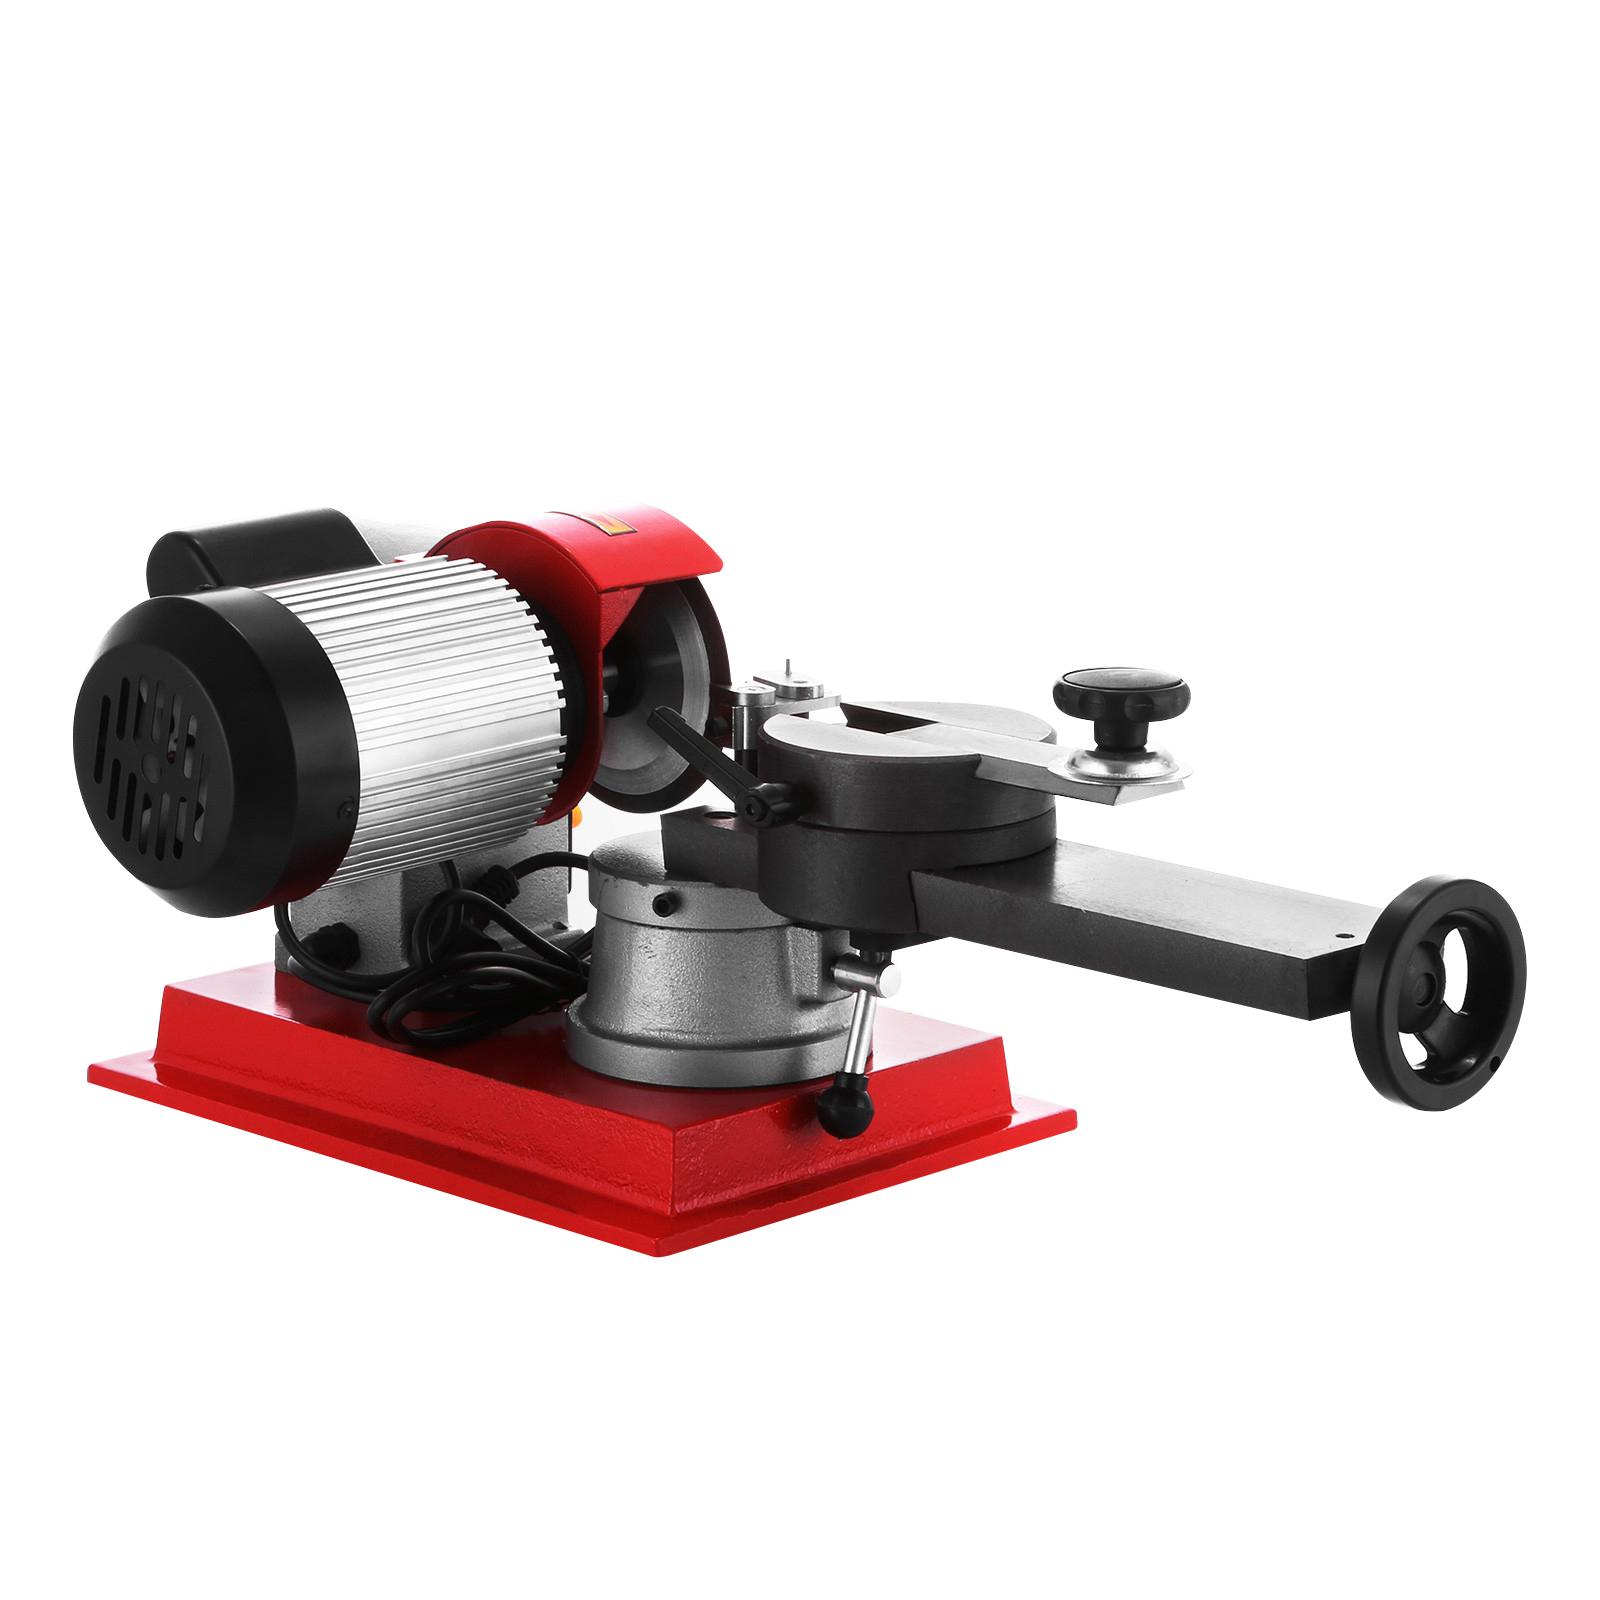 370w Saw Blade Grinder Sharpener Machine Grinding Level